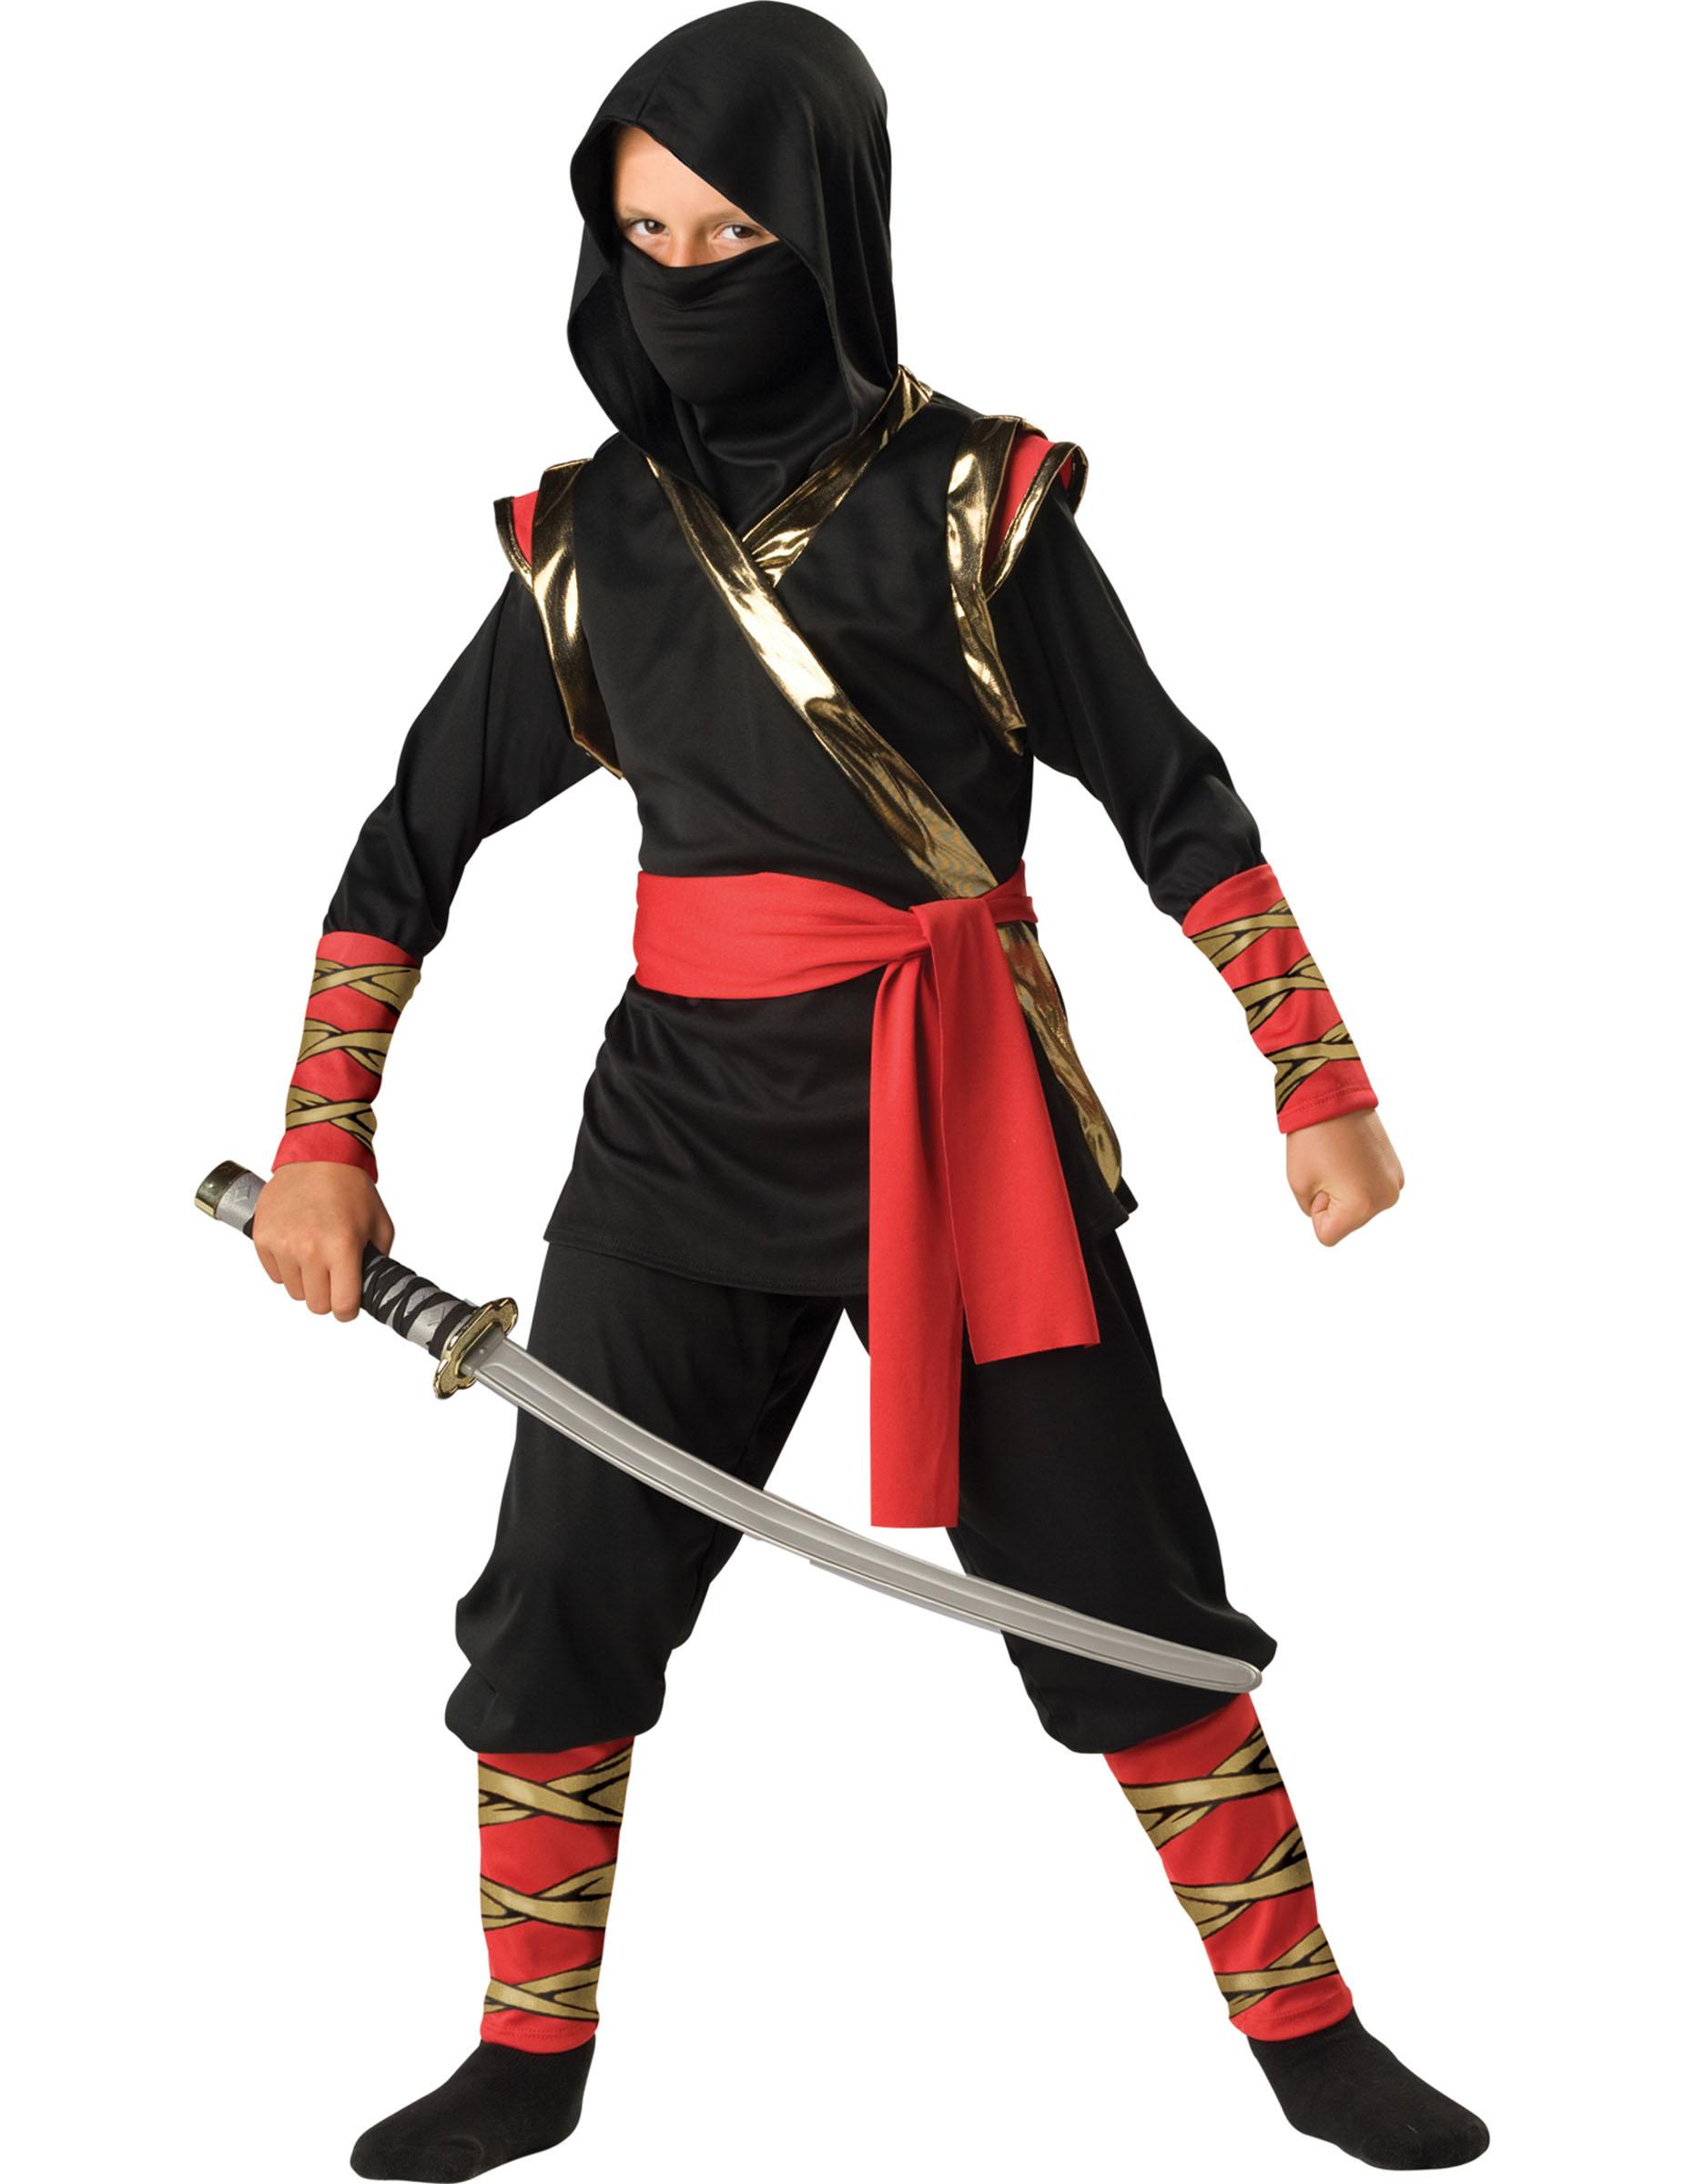 Kostüm Ninja Premium Für Kinder Schwarz Rot Gold Günstige